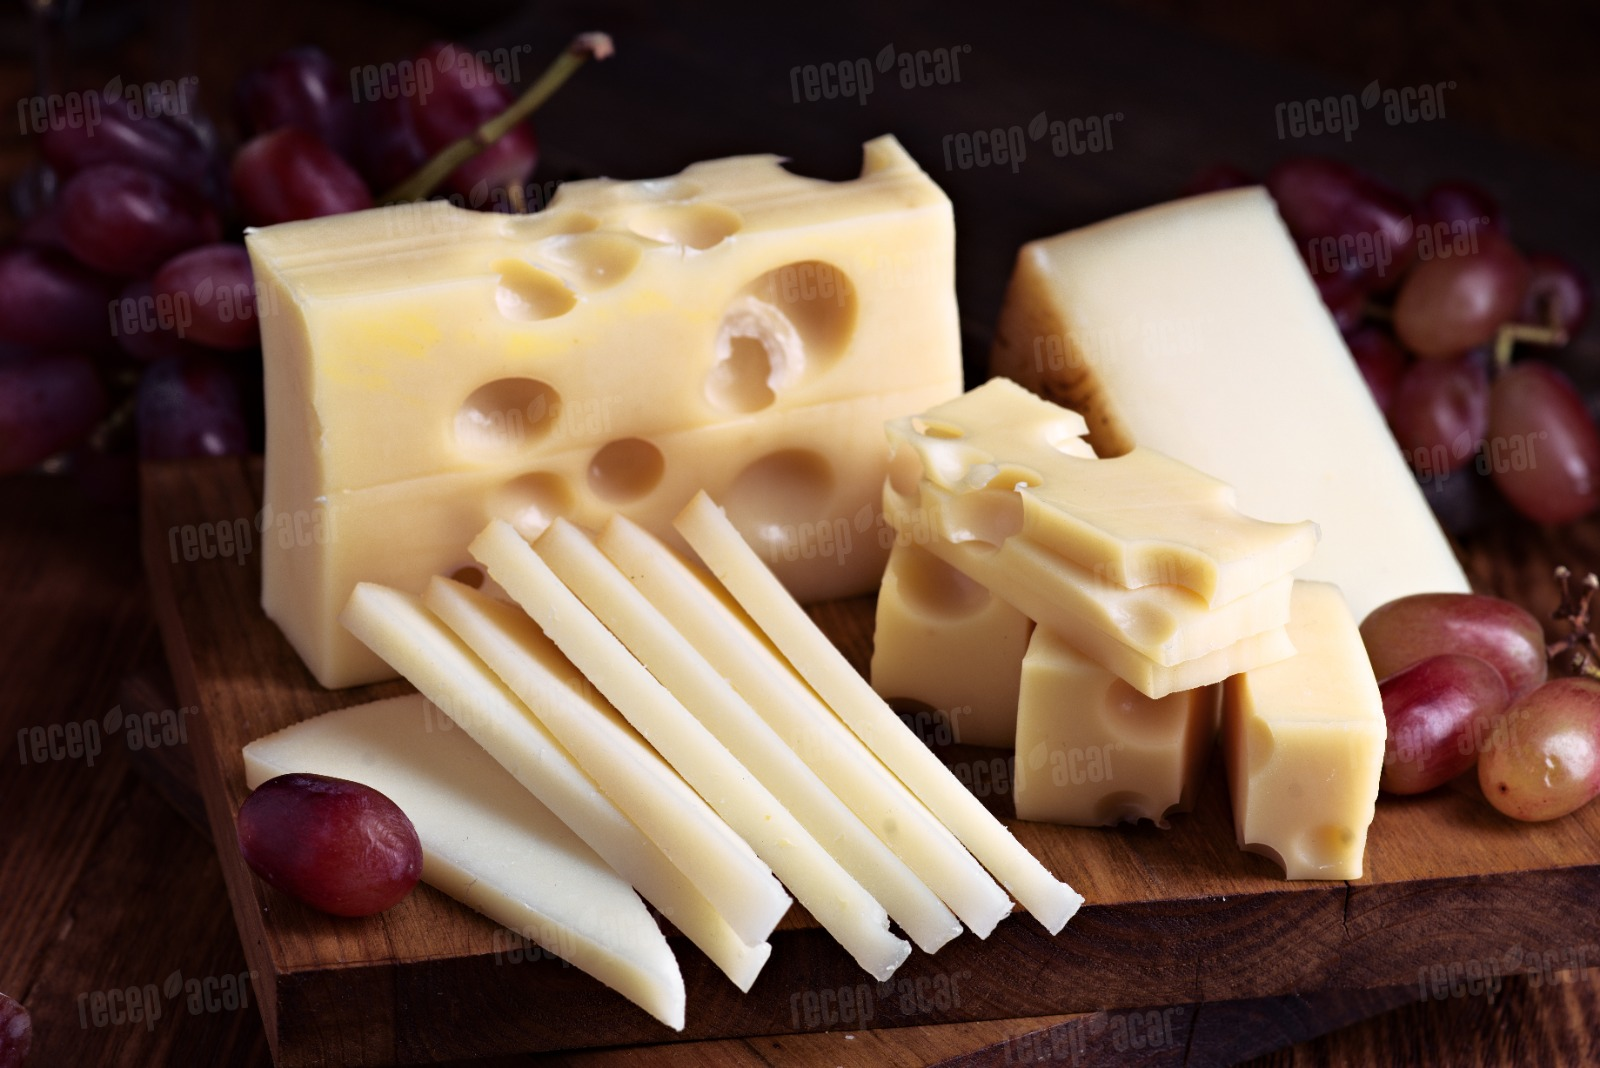 Kars'ýn Meþhur Peynirleri